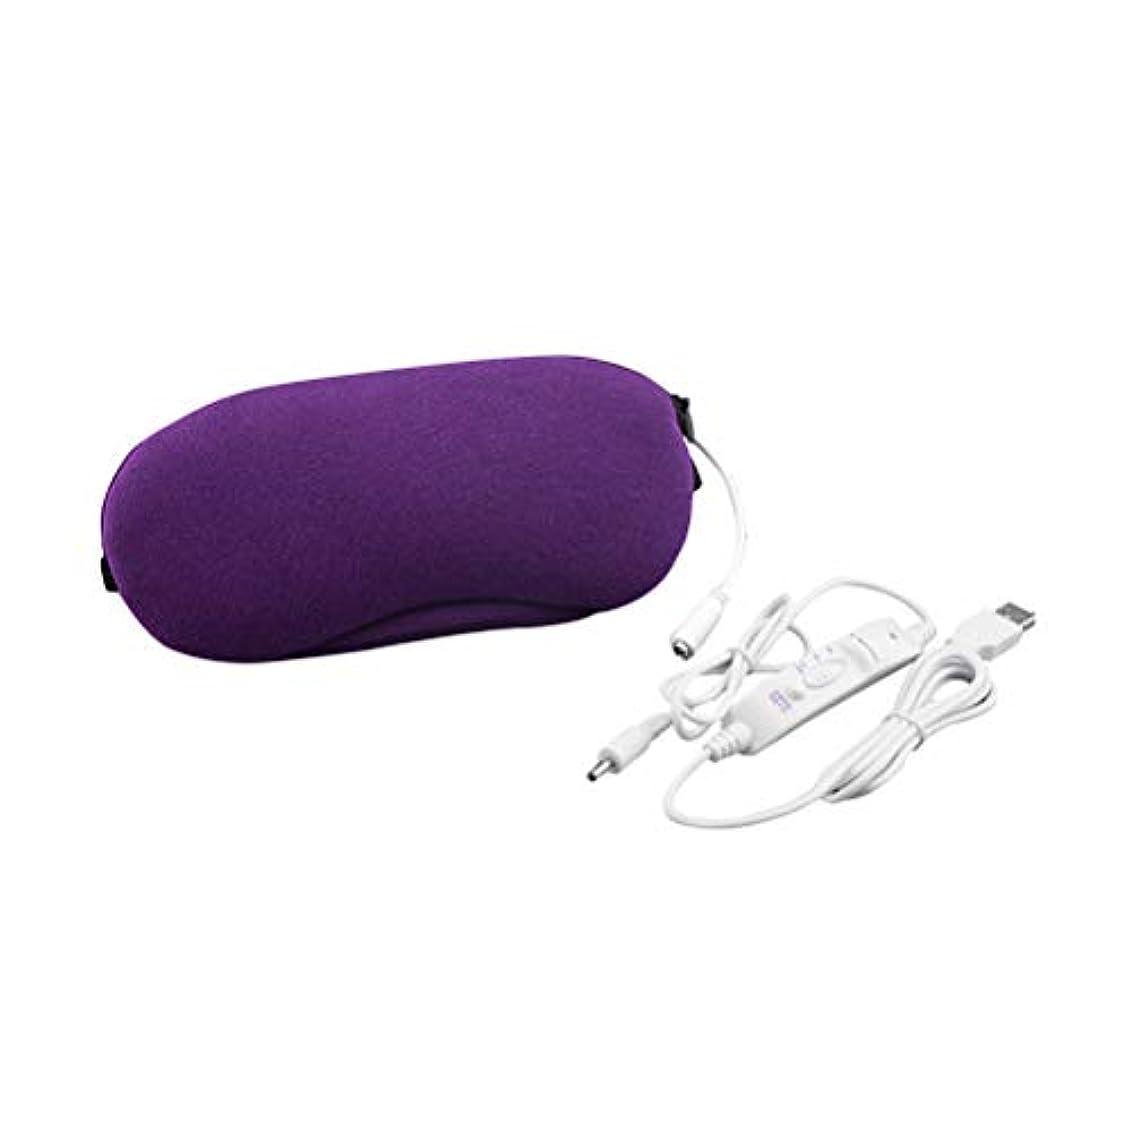 言い換えるとおなじみのアセンブリHealifty アイマスク 蒸気ホットアイマスク USB 加熱式 スリーピングアイマスク 温度とタイミング制御 吹き出物/乾燥/疲れた目(紫)